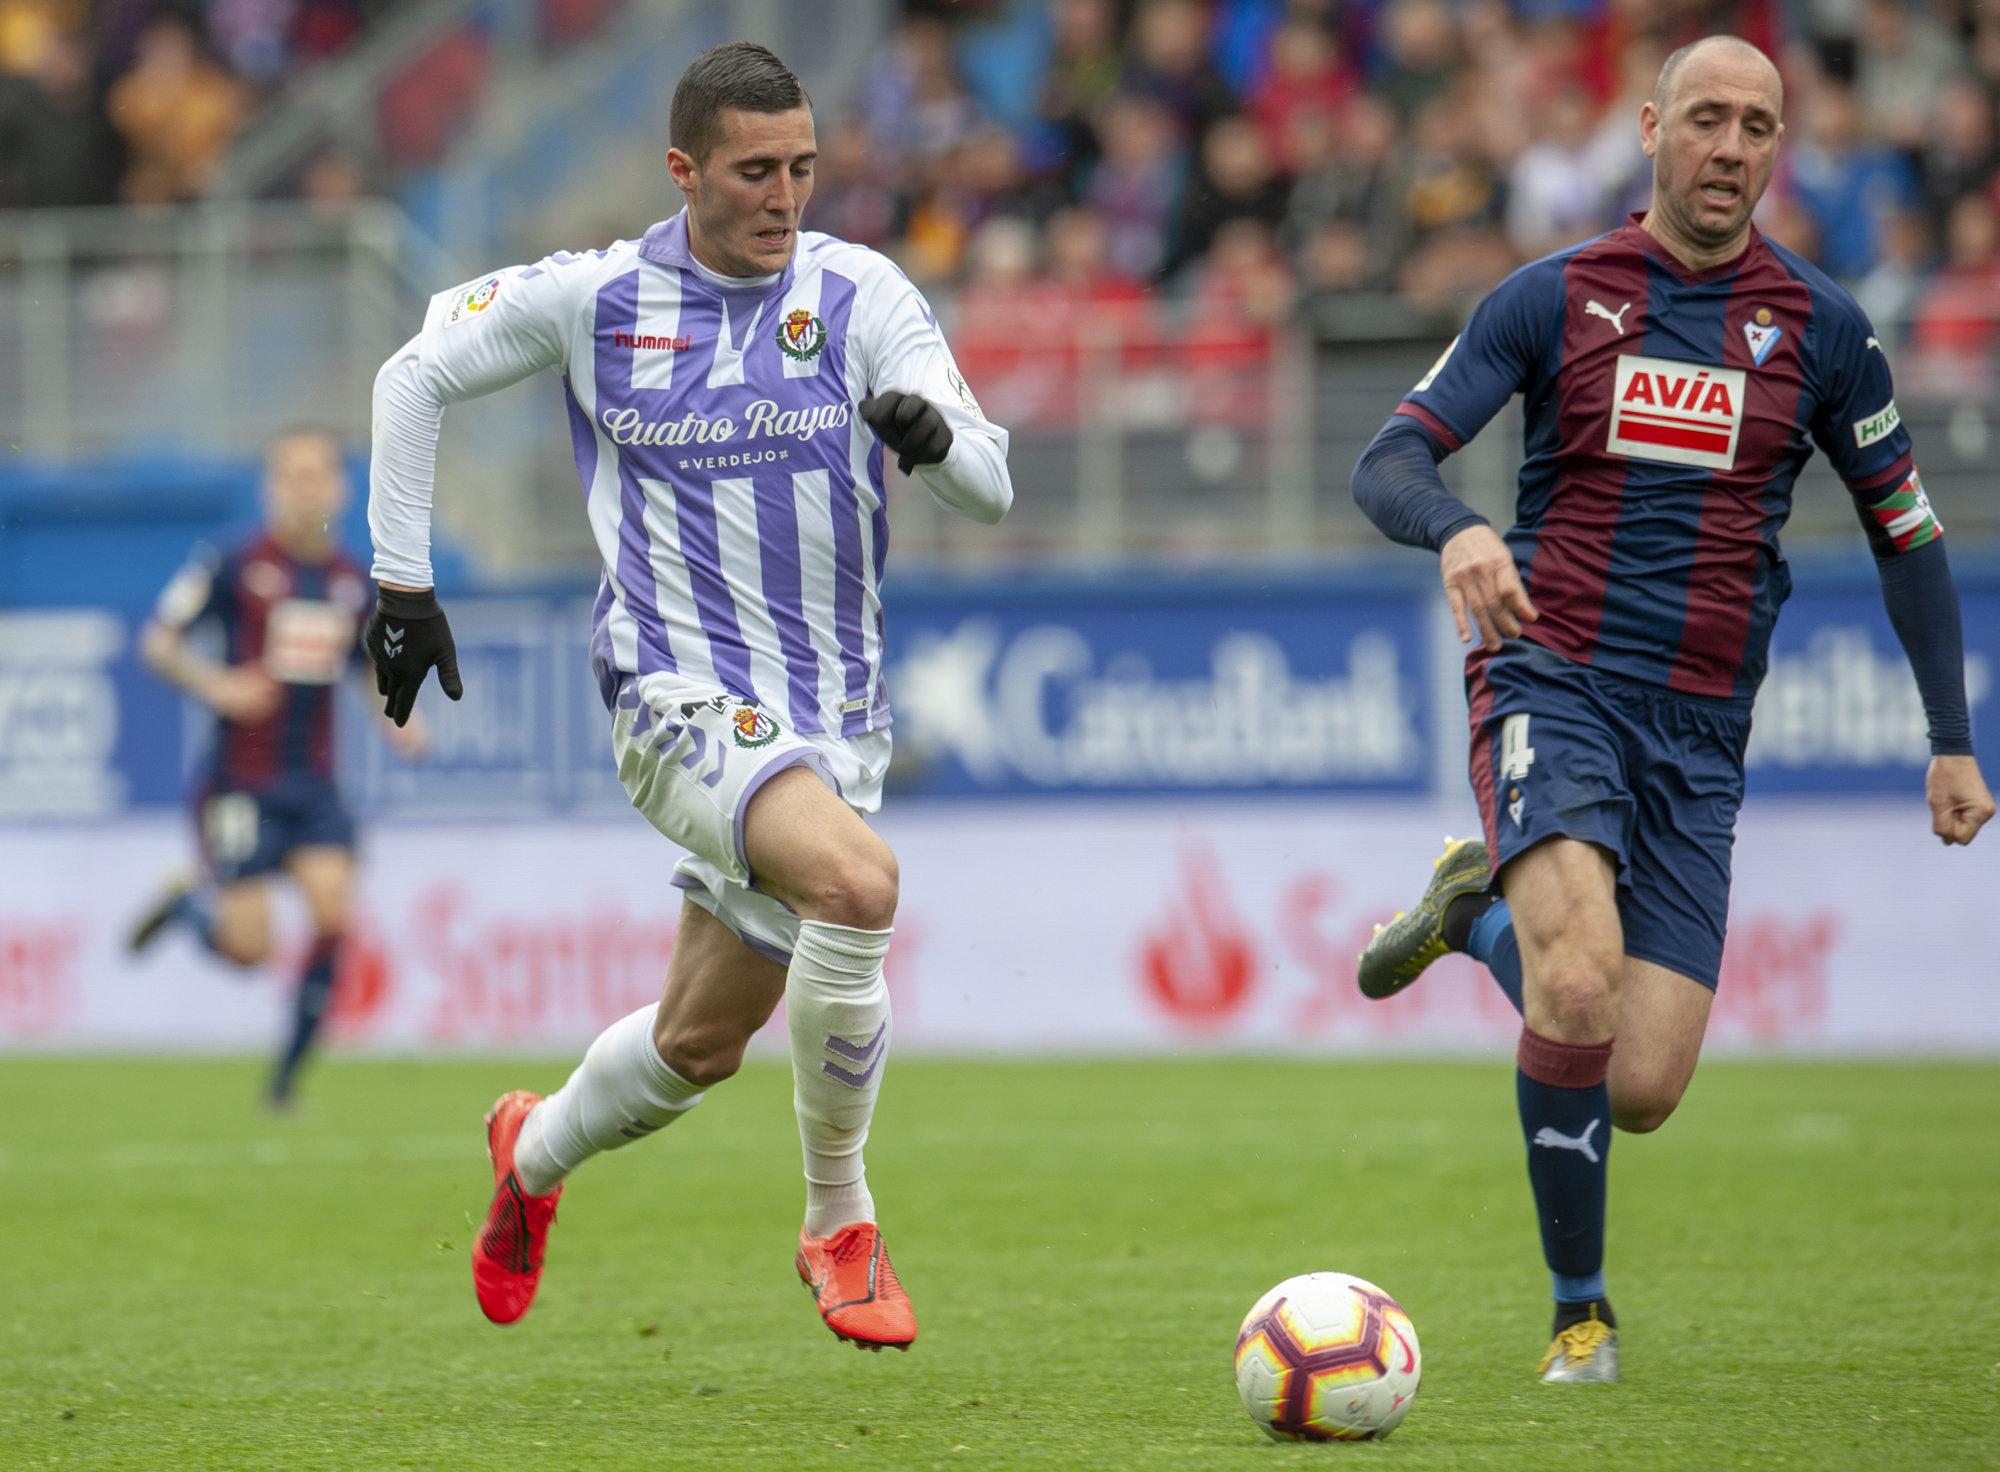 Sergi Guardiola se marcha en velocidad de Iván Ramis en el encuentro entre el Eibar y el Real Valladolid.